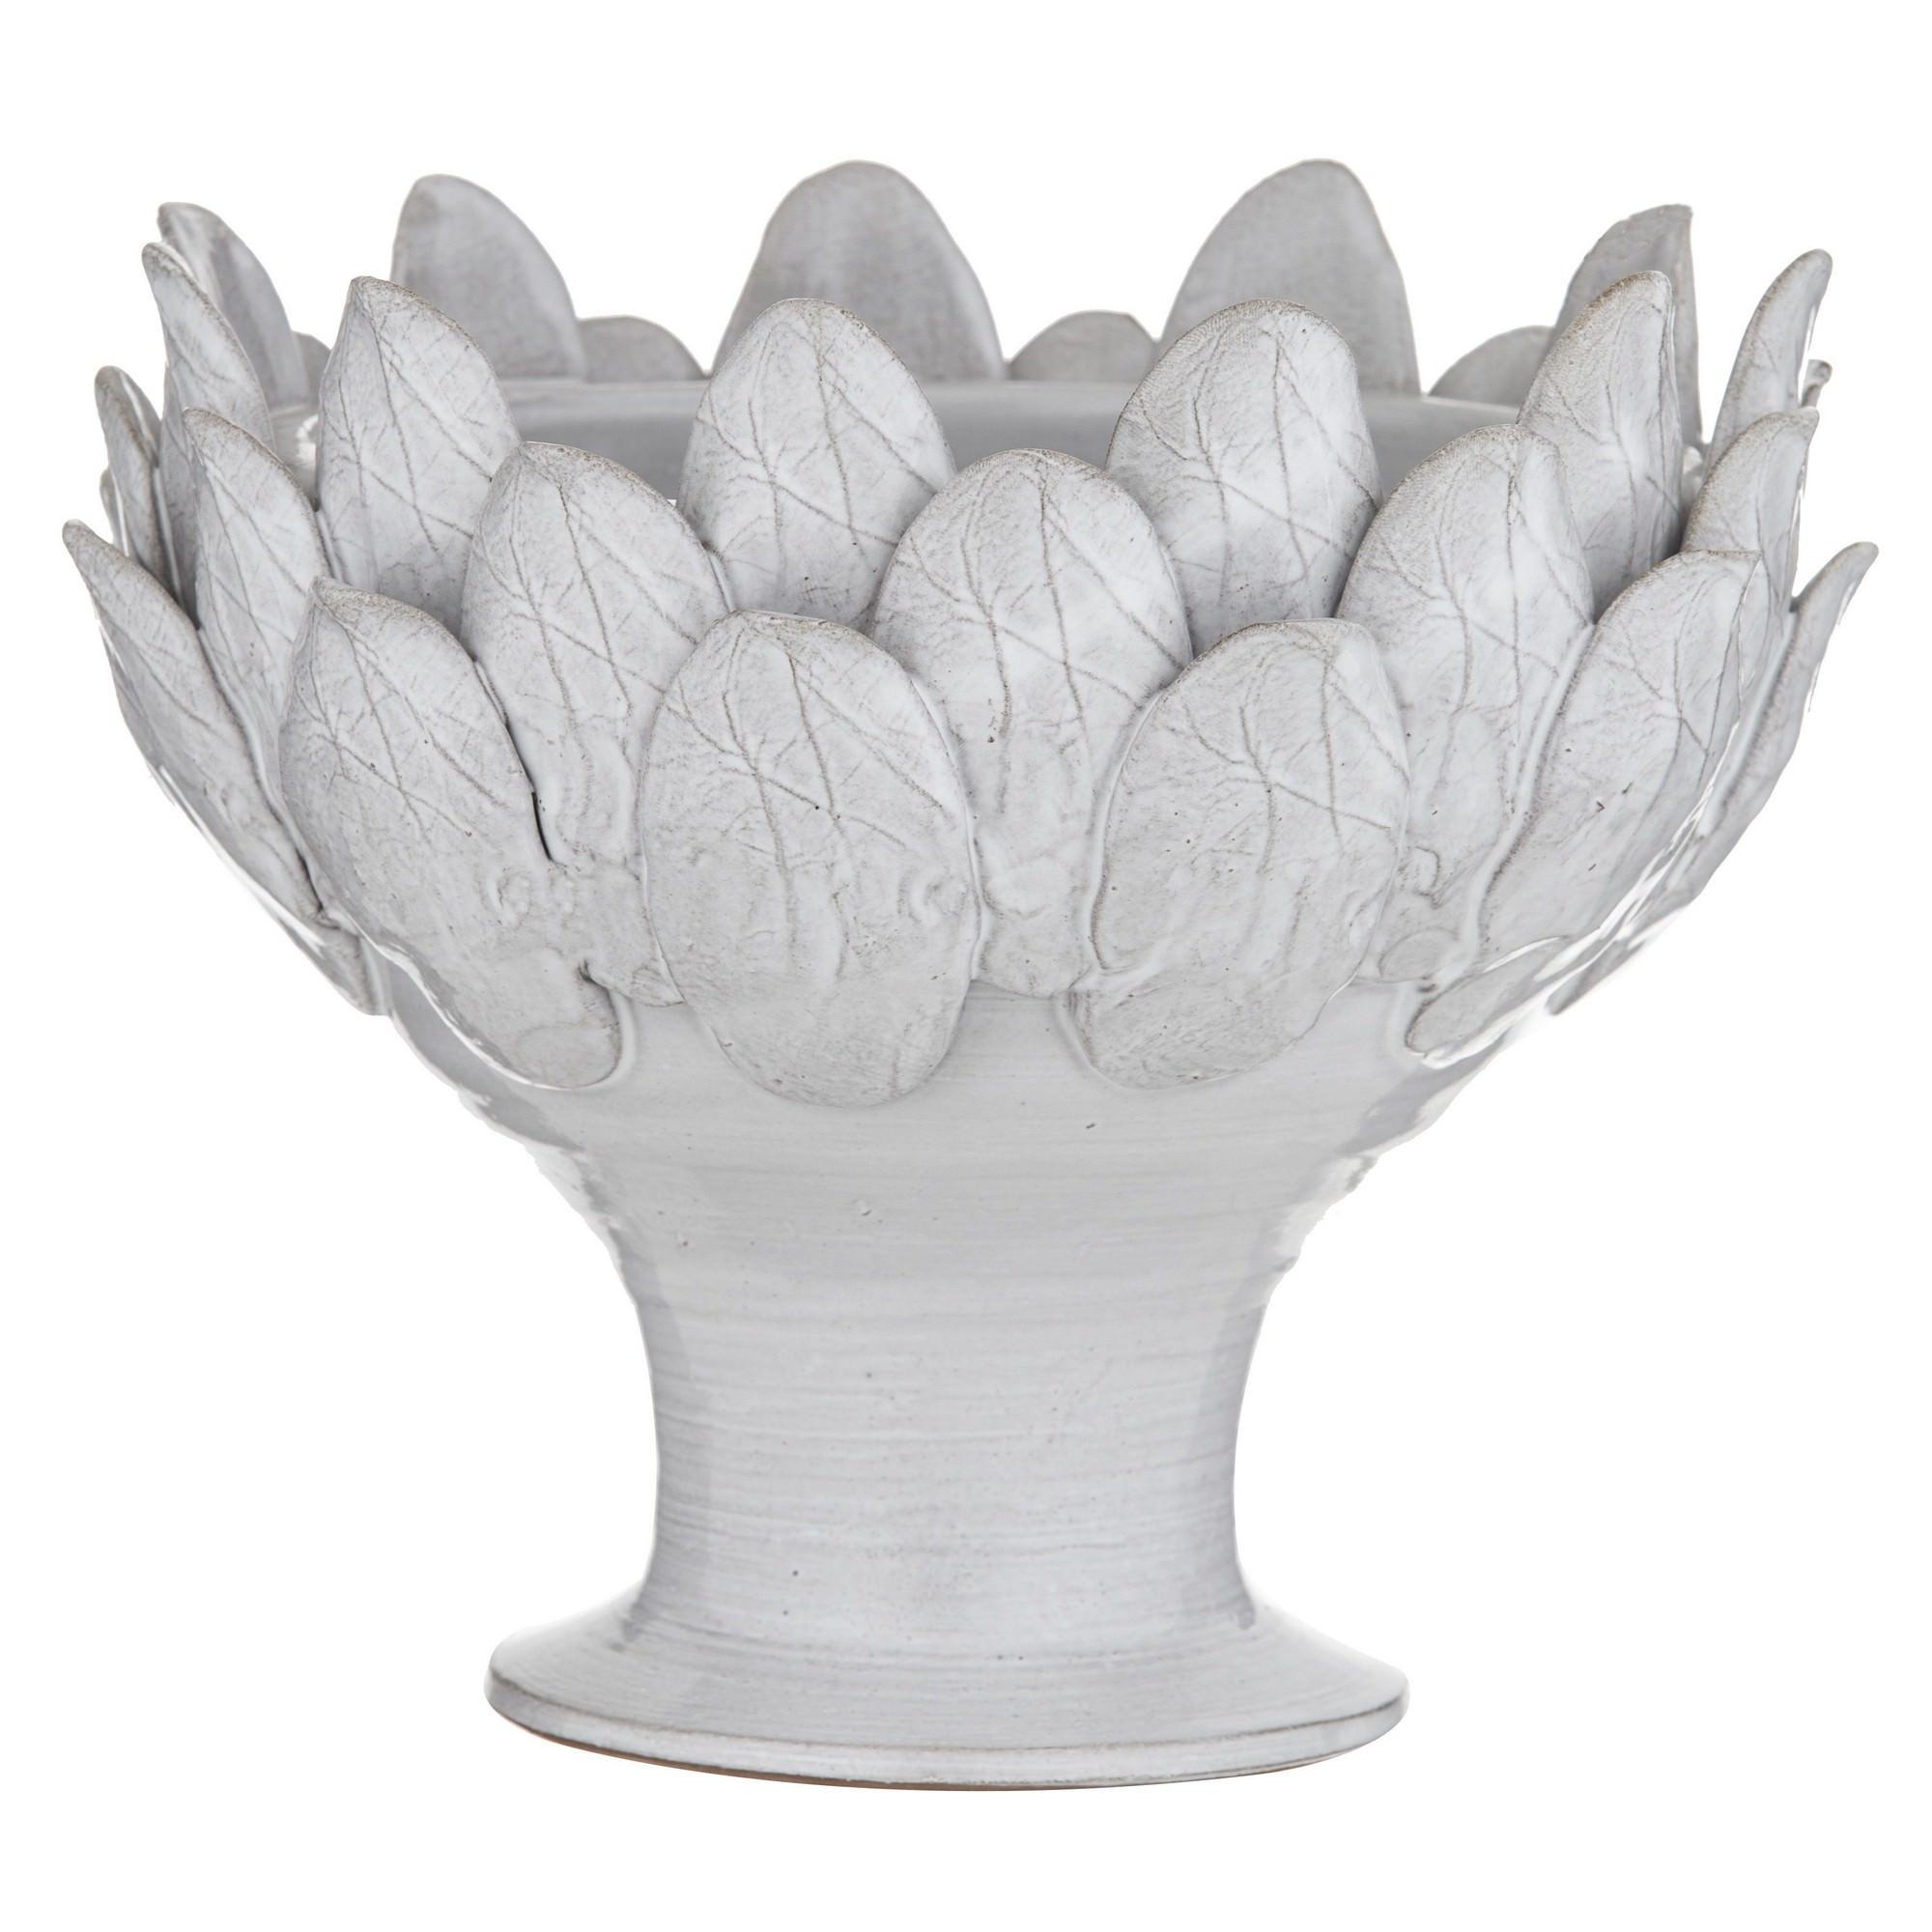 Lille Ceramic Artichoke Decor Bowl